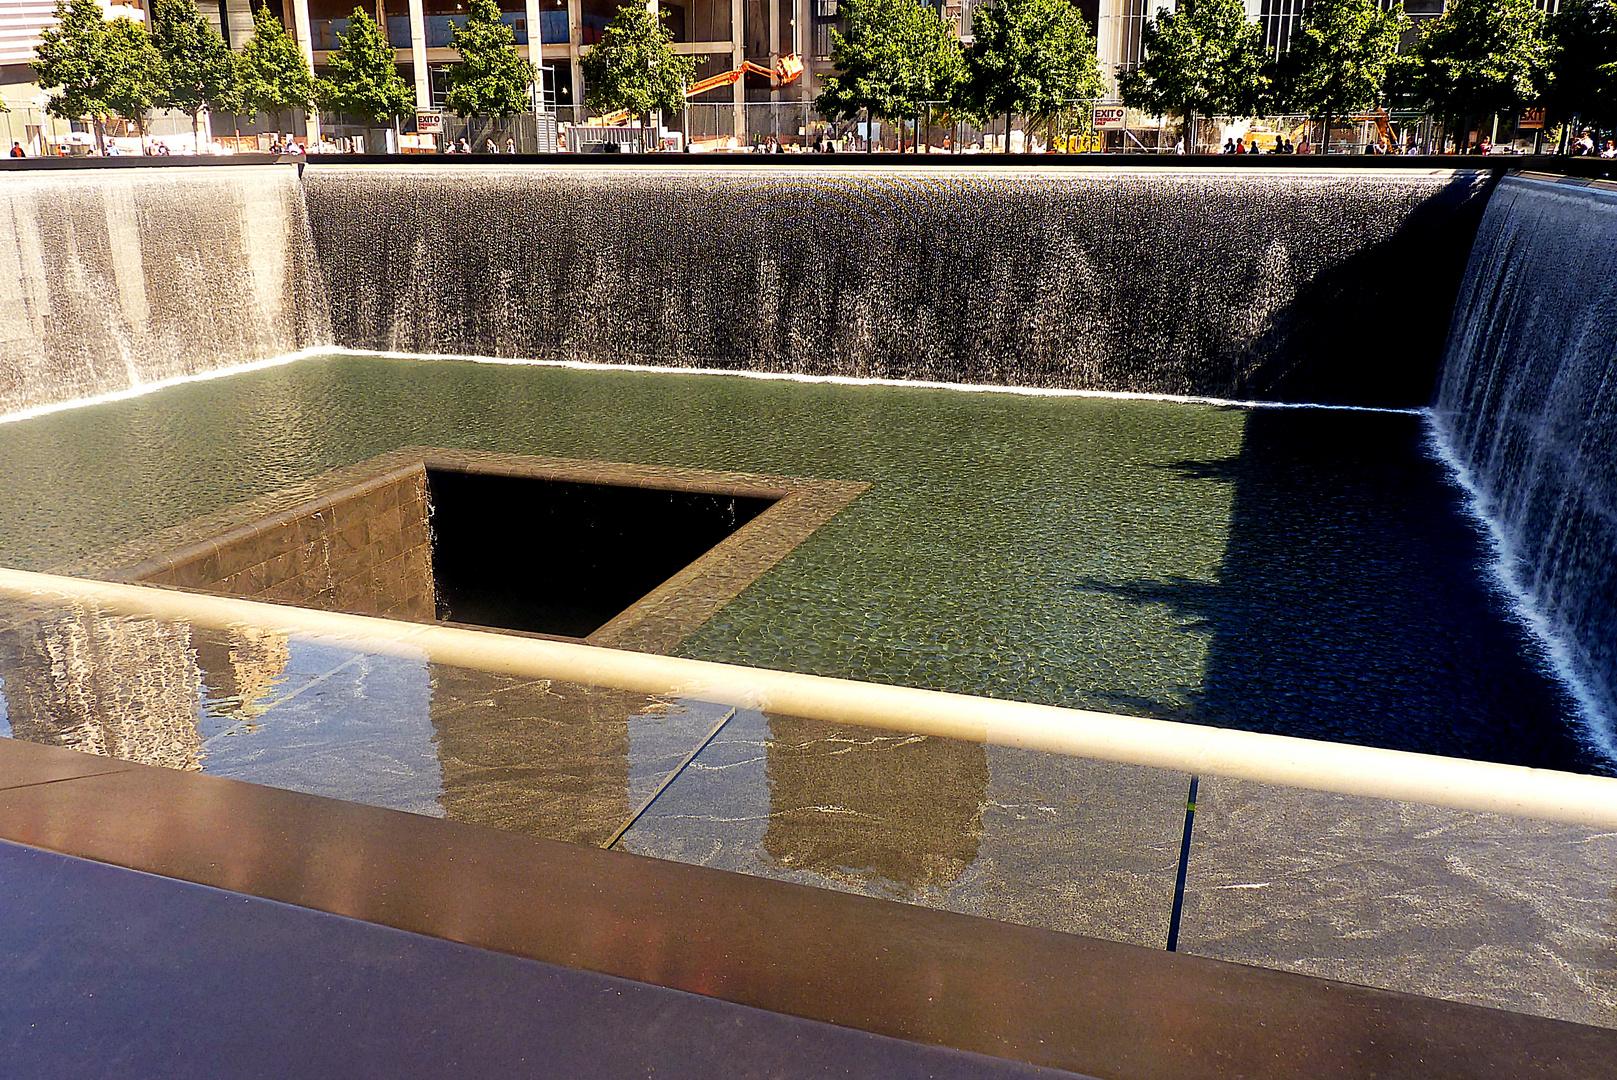 9/11 Memorial IV